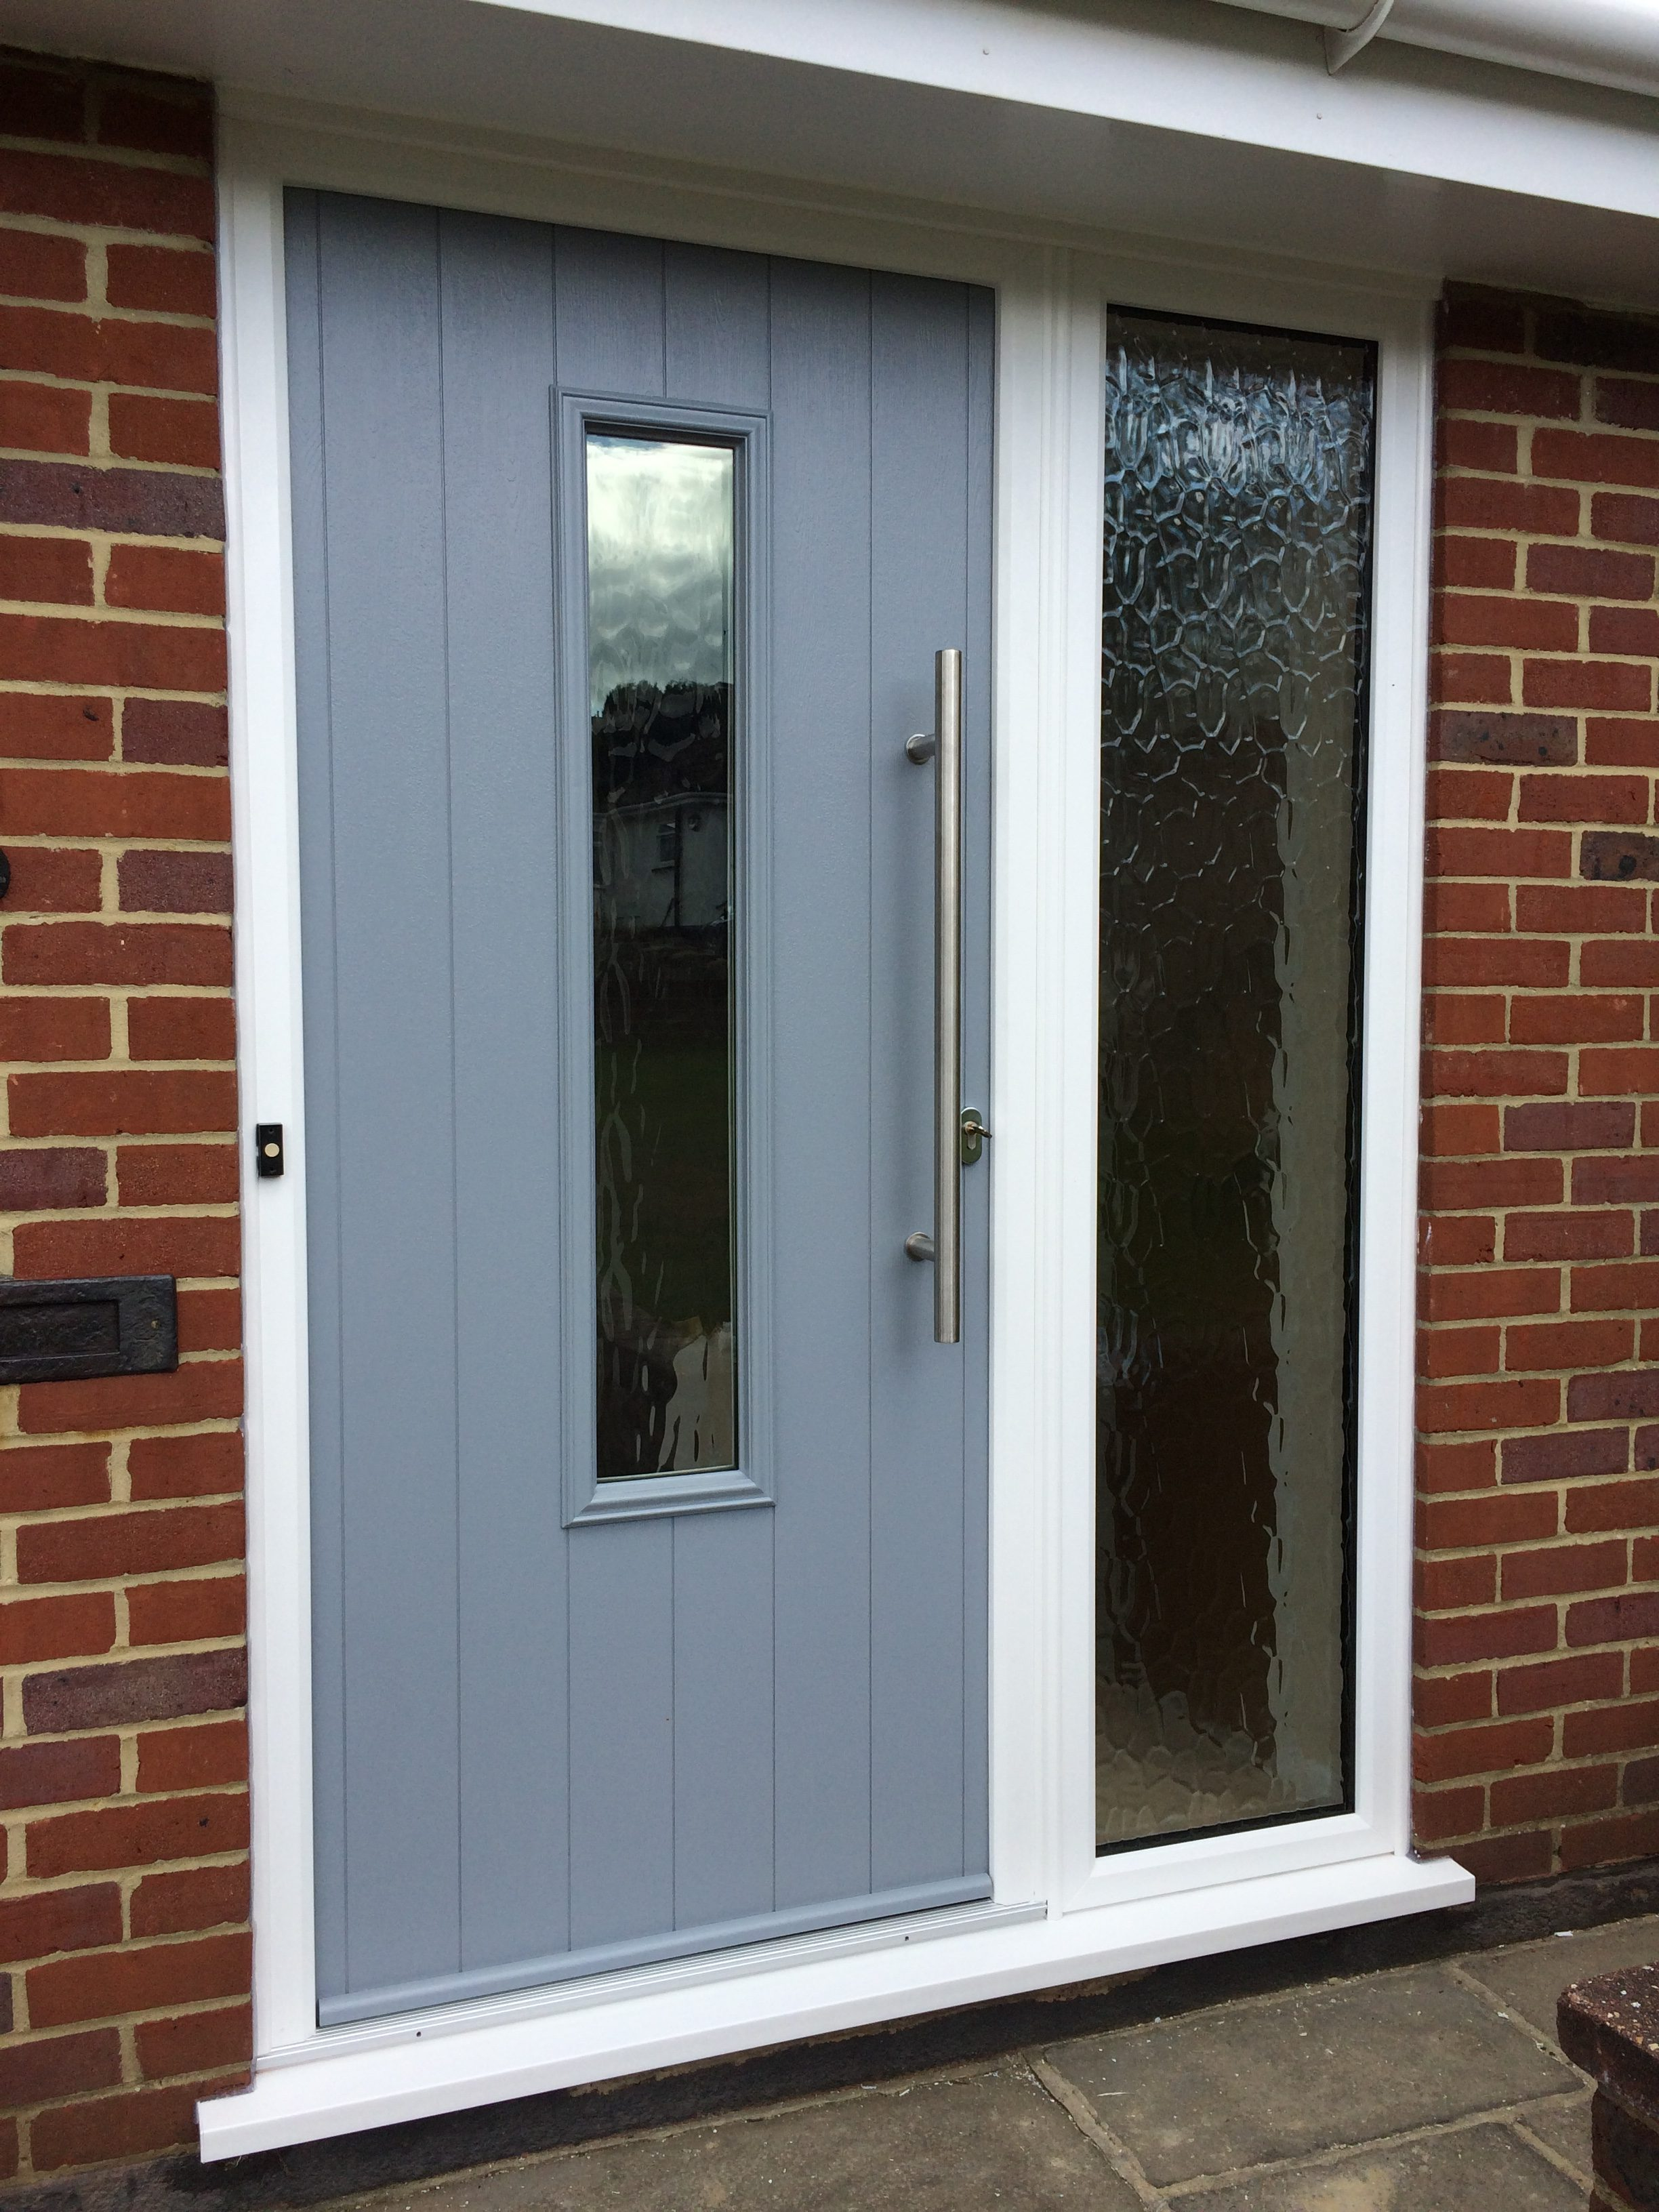 Solidor Composite Door Installations Apex Windows And Contractors Ltd